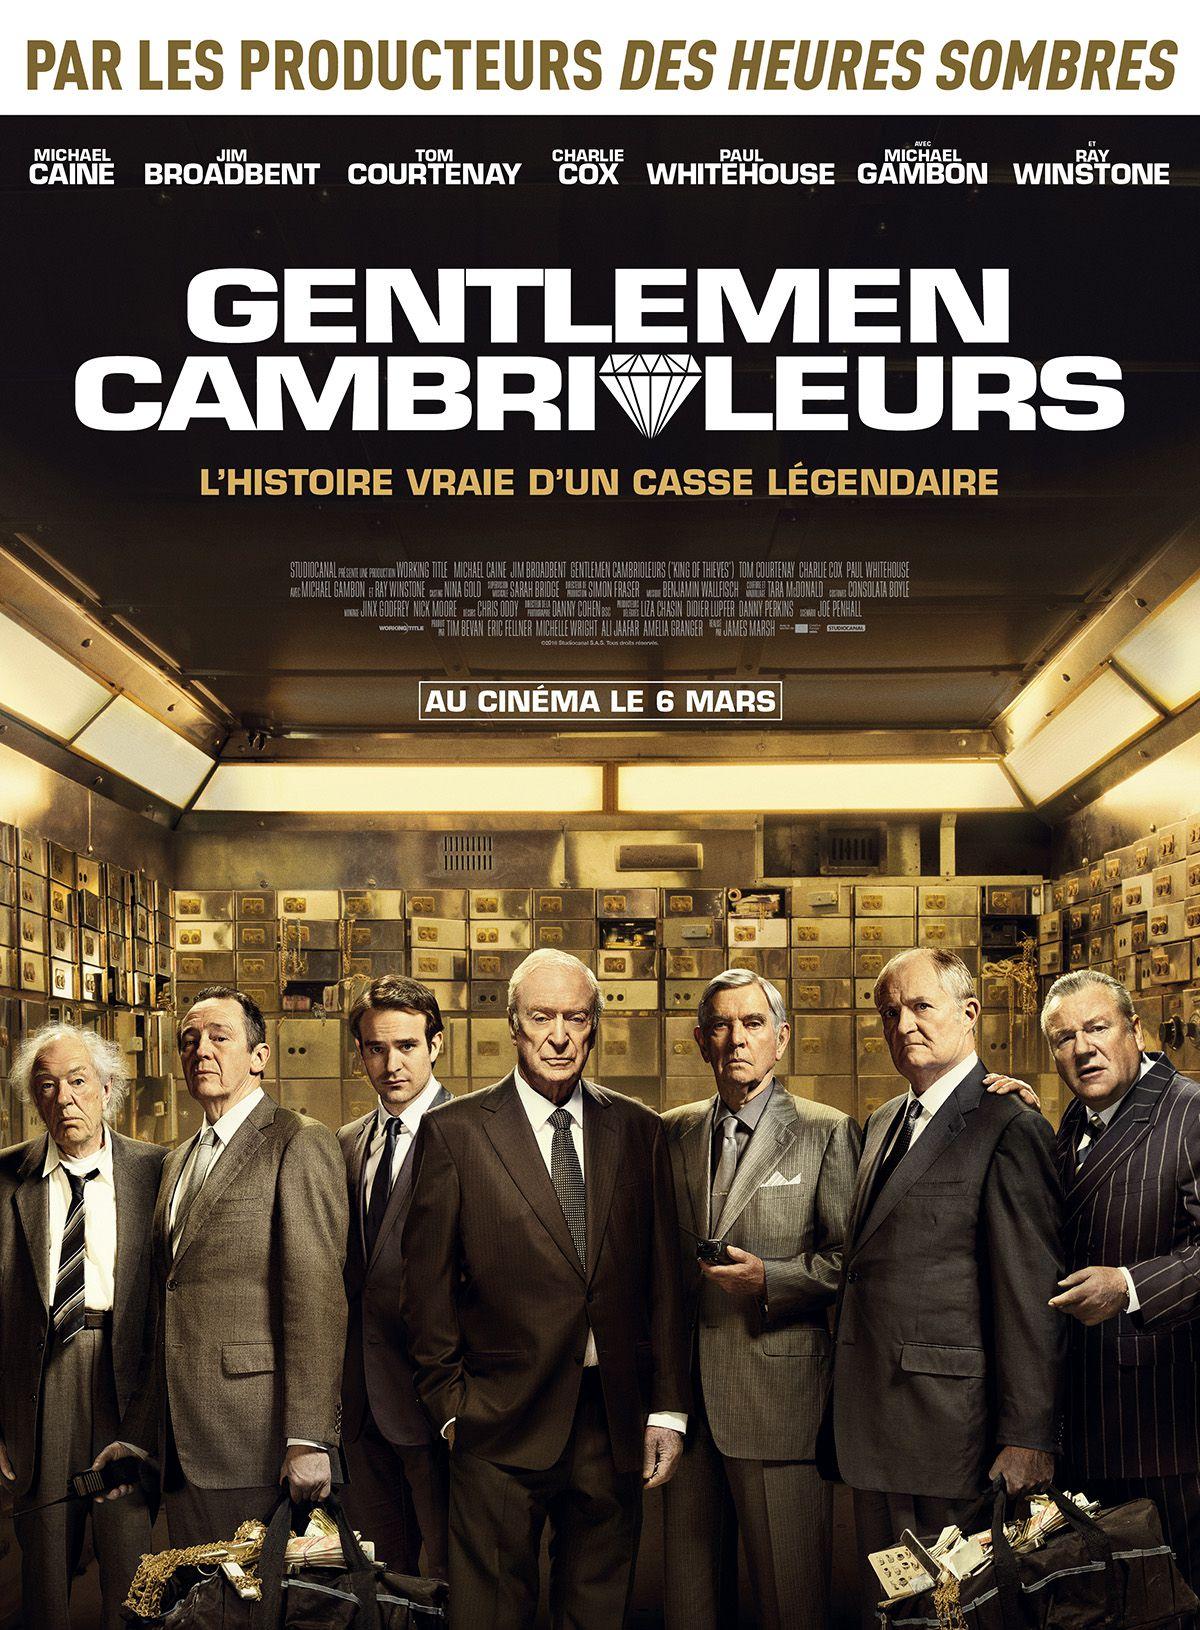 Gentlemen cambrioleurs - Film (2019)